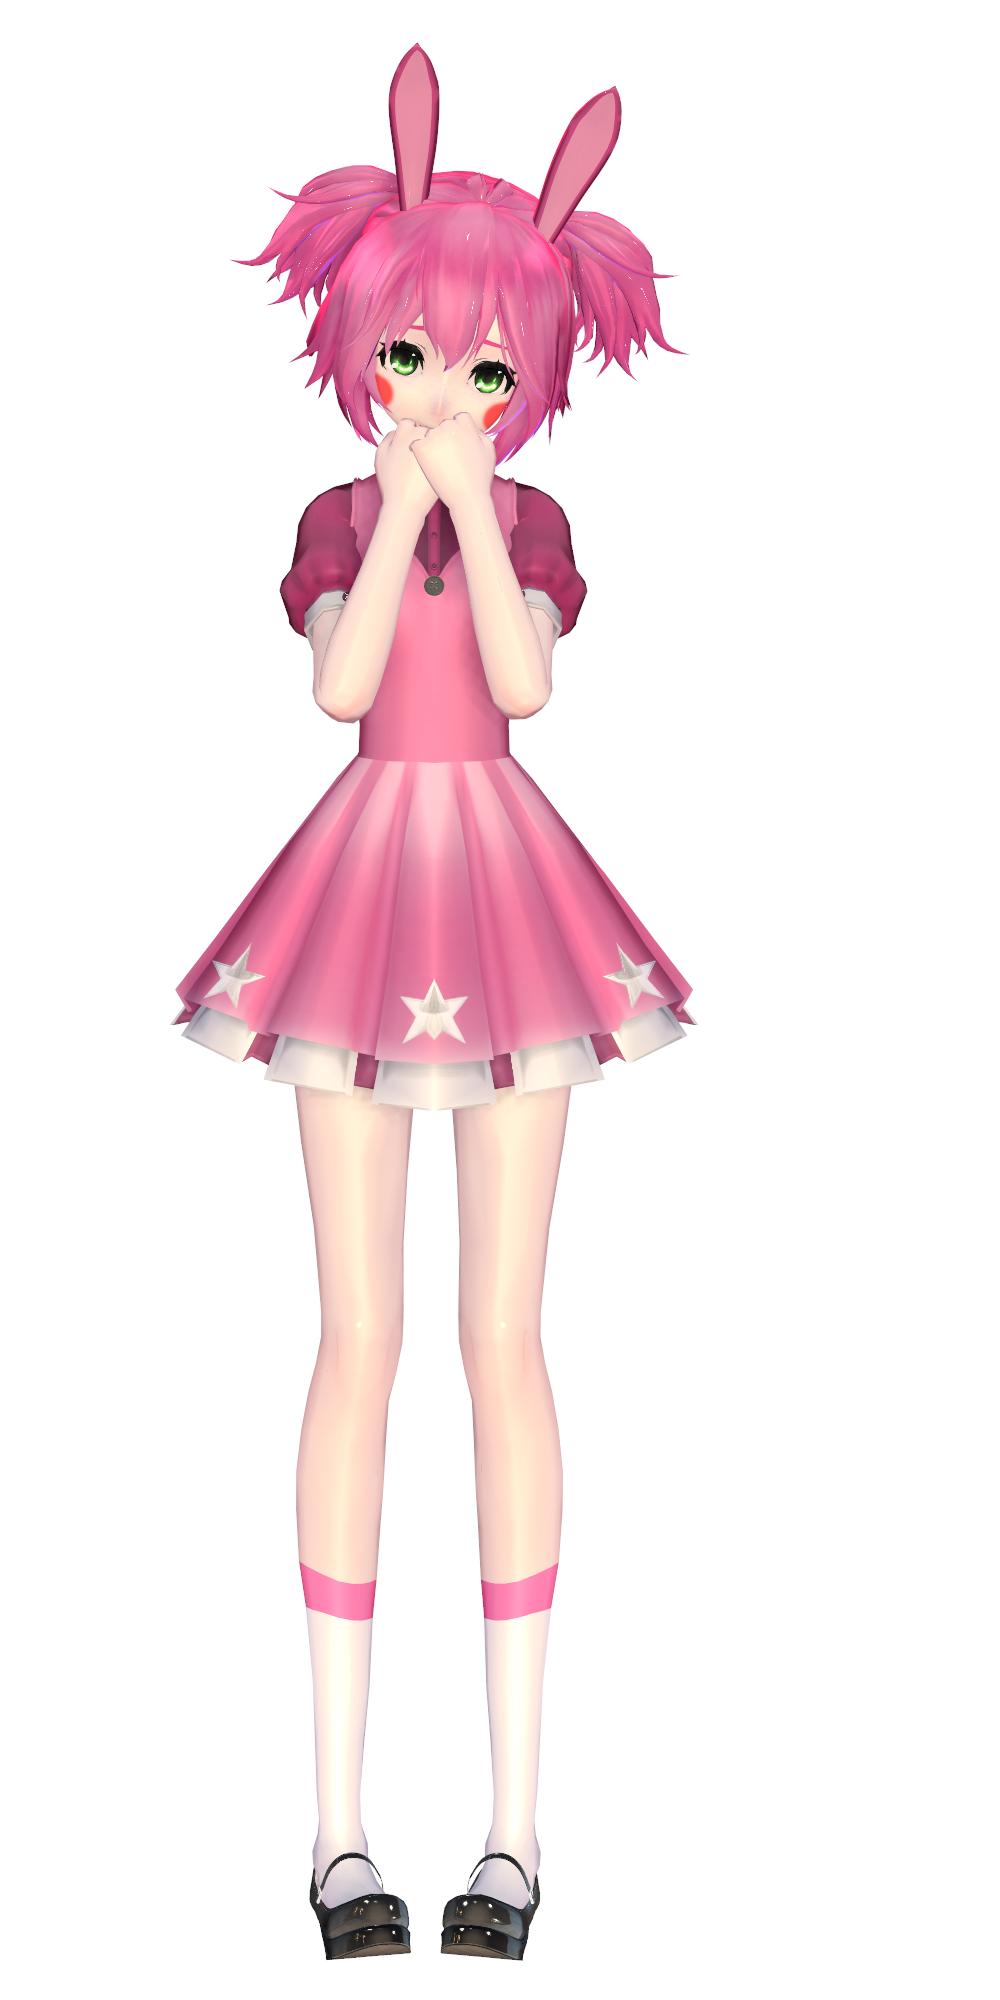 [MMD] Little shy Bonnet by yuyuchanHD on DeviantArt